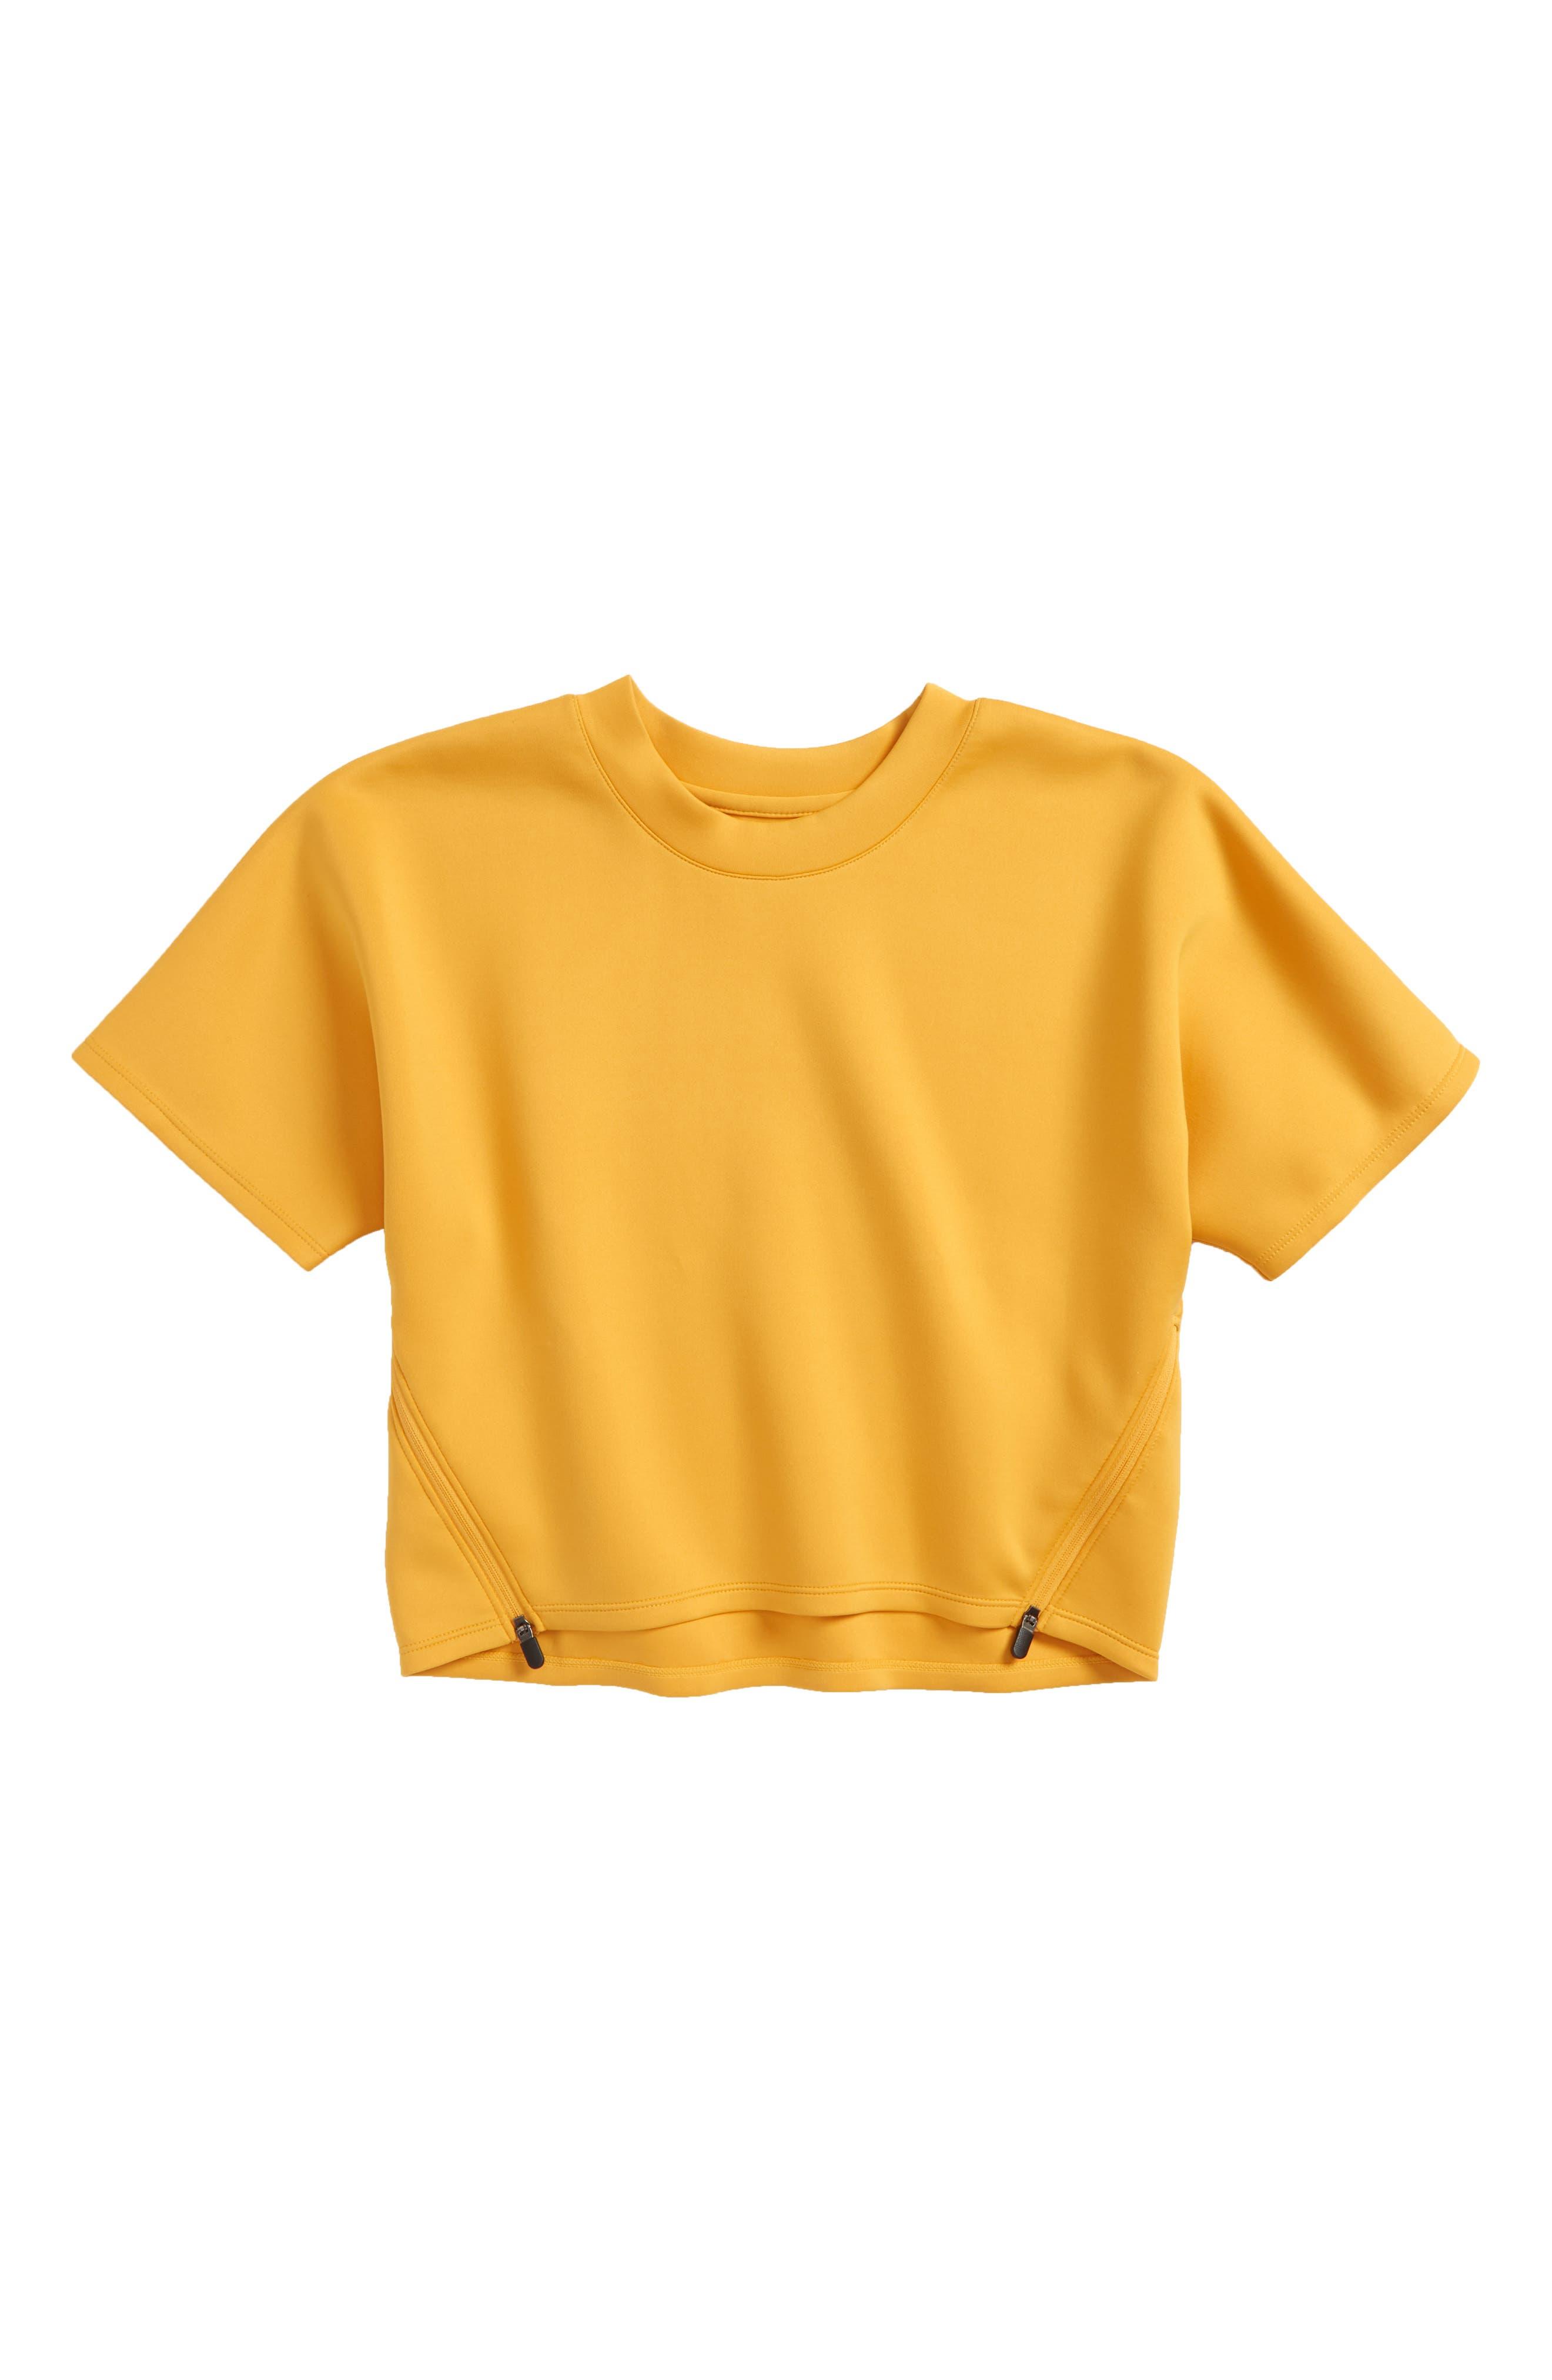 Raglan Crop Top,                         Main,                         color, 720